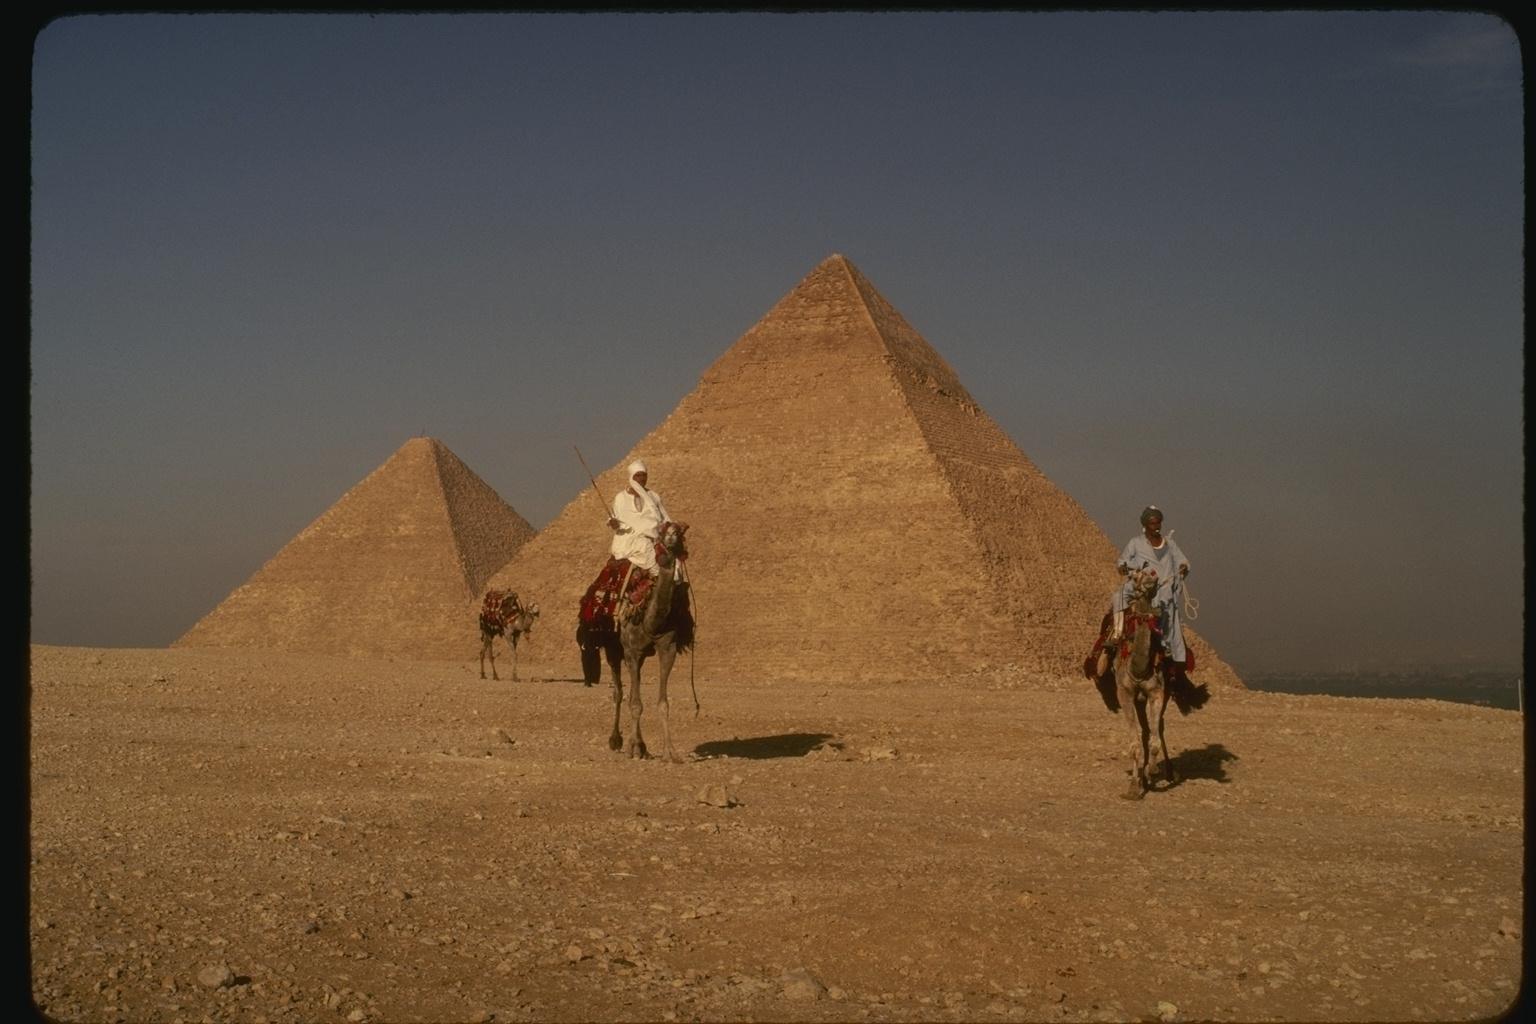 Картинки египетских пирамид и фараонов